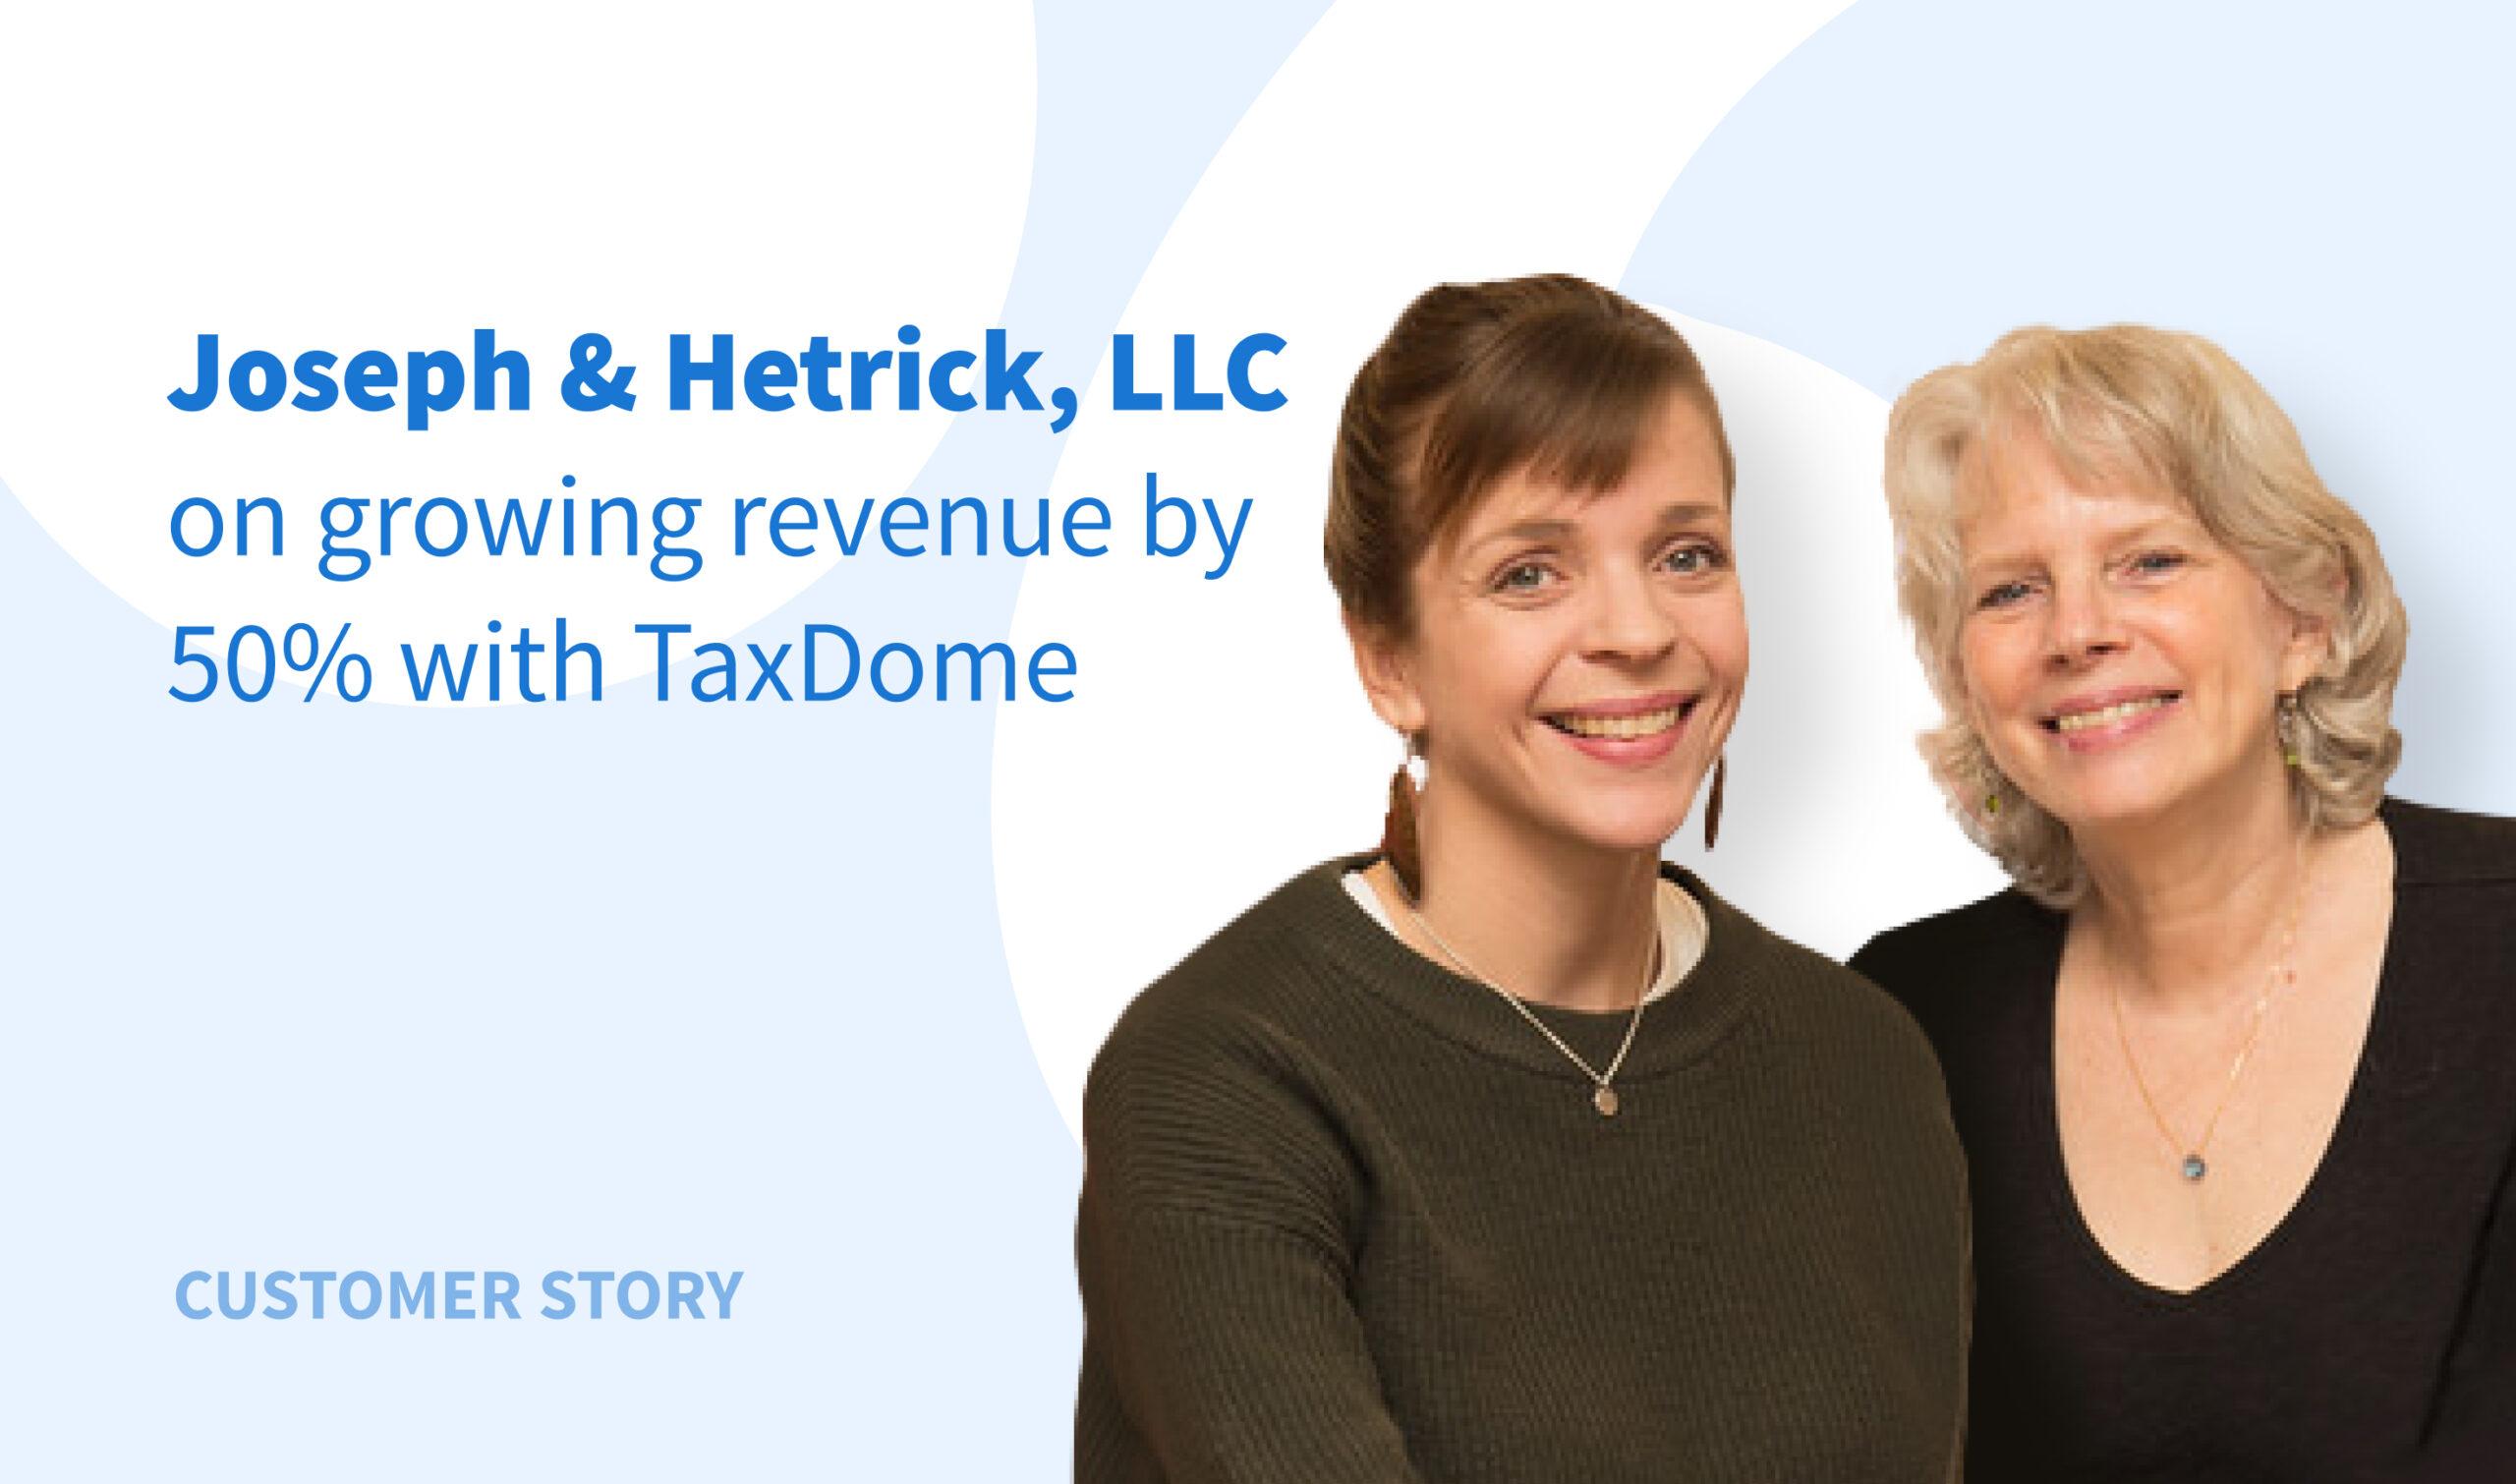 L'esperienza di Joseph & Hetrick: Aumento delle entrate del 50% con TaxDome